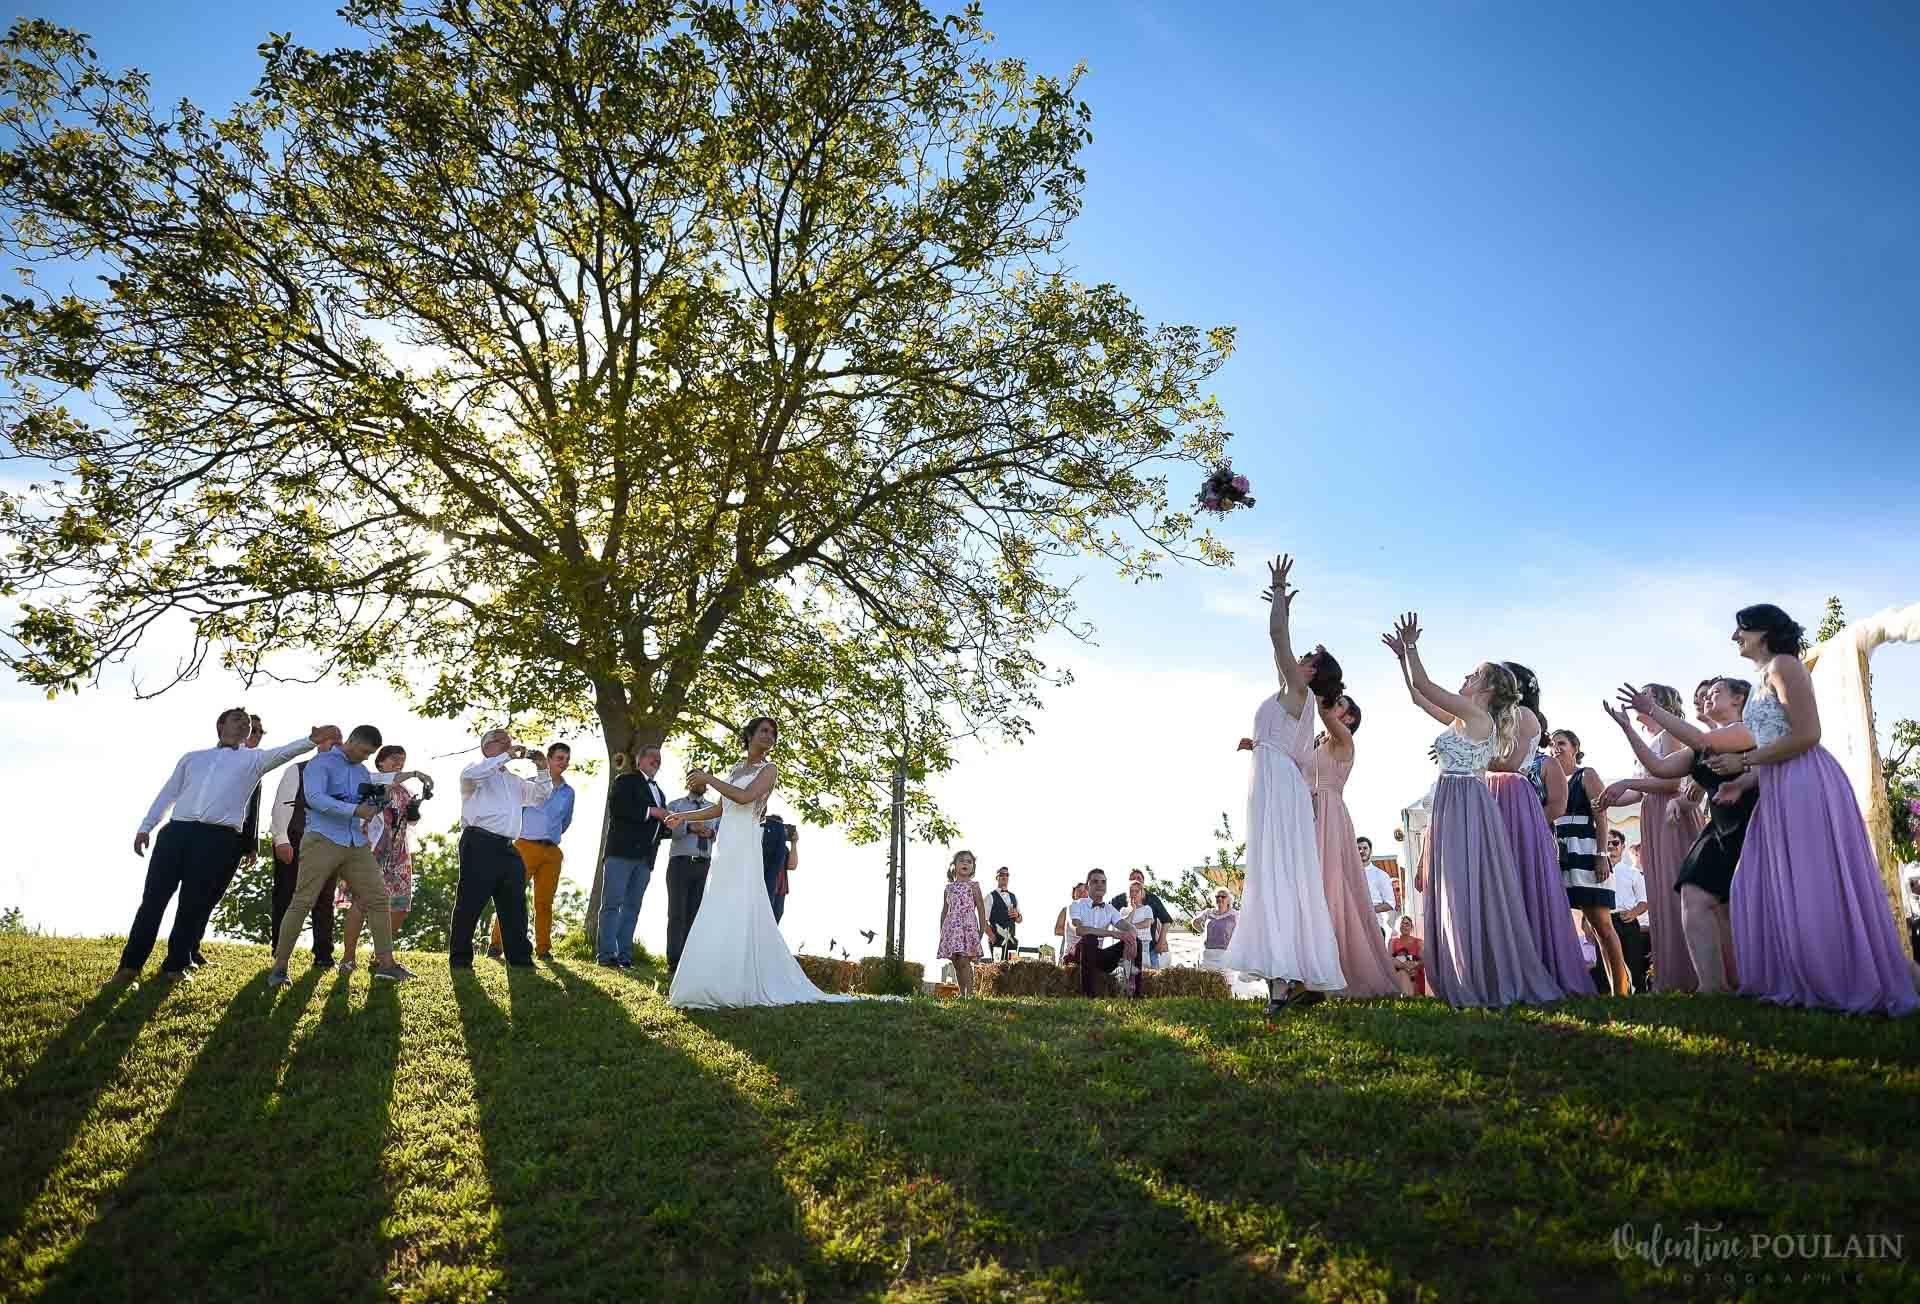 Mariage convivial Saverne - Valentine Poulain lancer bouquet